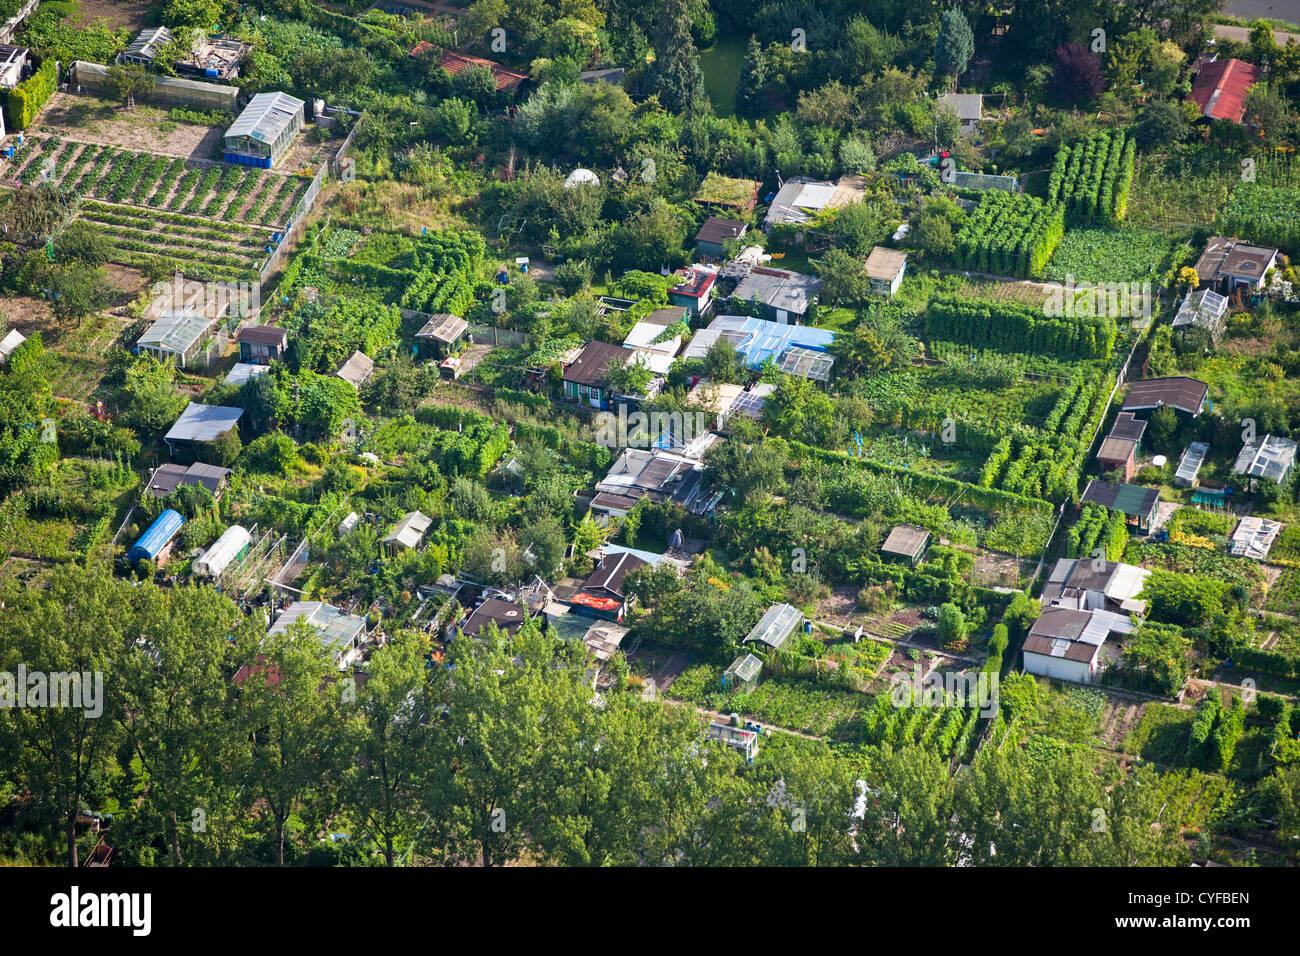 Los Países Bajos, Oud Zuilen. Jardín de las habilitaciones. Antena. Imagen De Stock